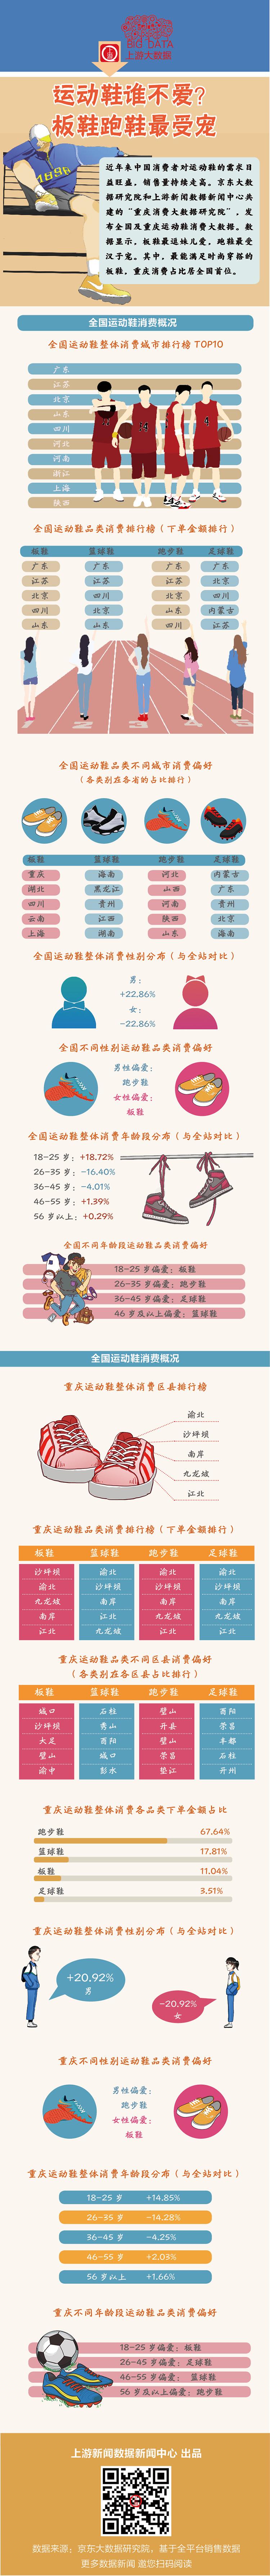 运动鞋大数据.jpg